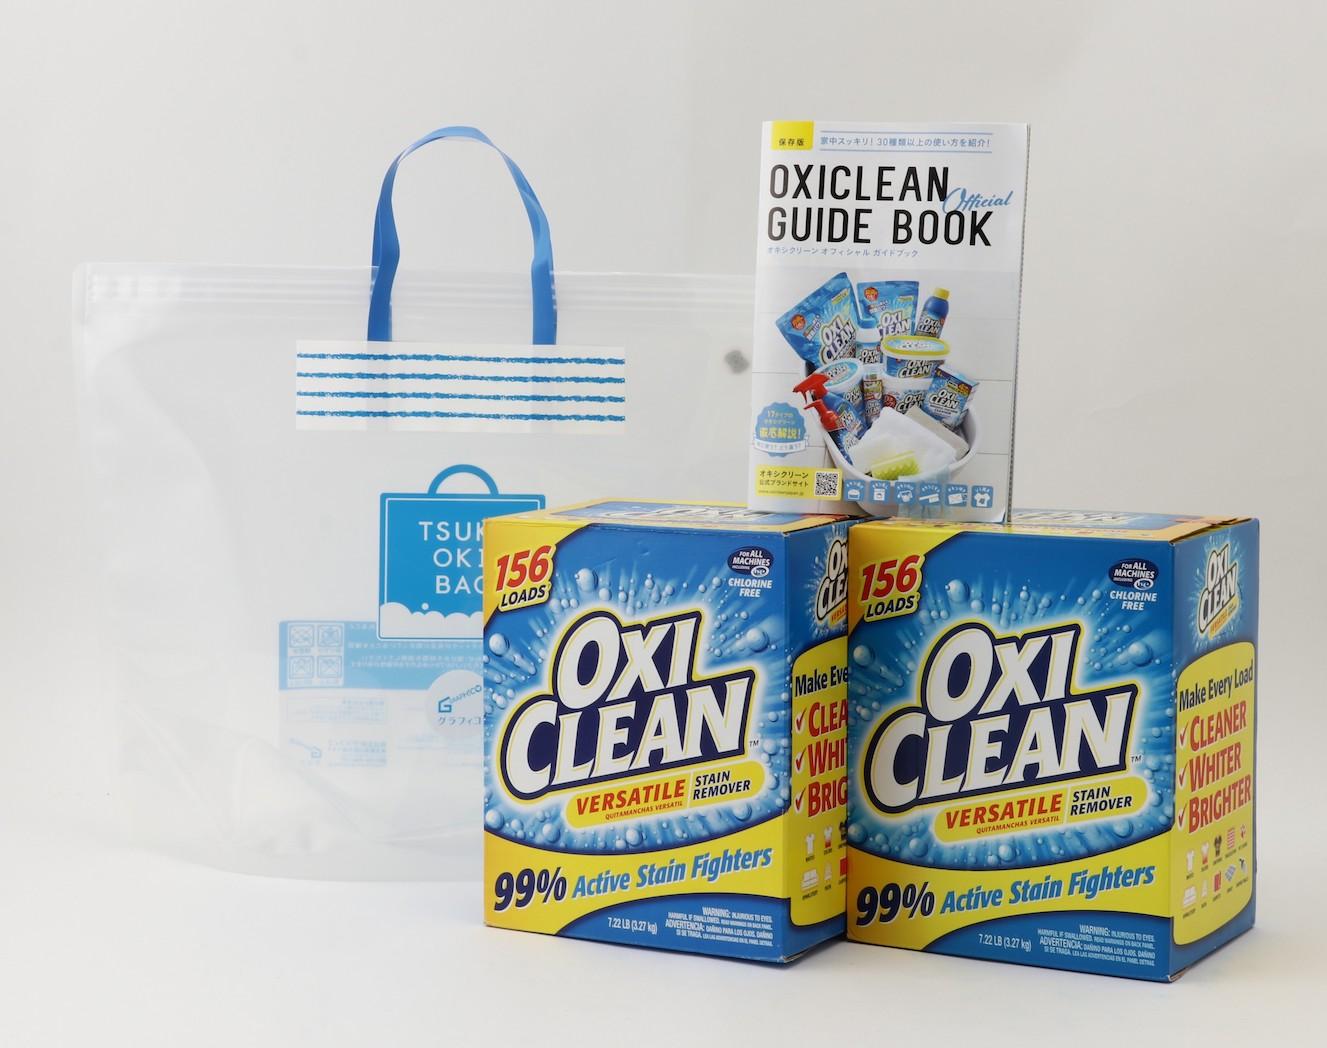 オキシ漬けをもっと手軽に!【専用バッグ】で洗い物を隅から隅まで浸そう